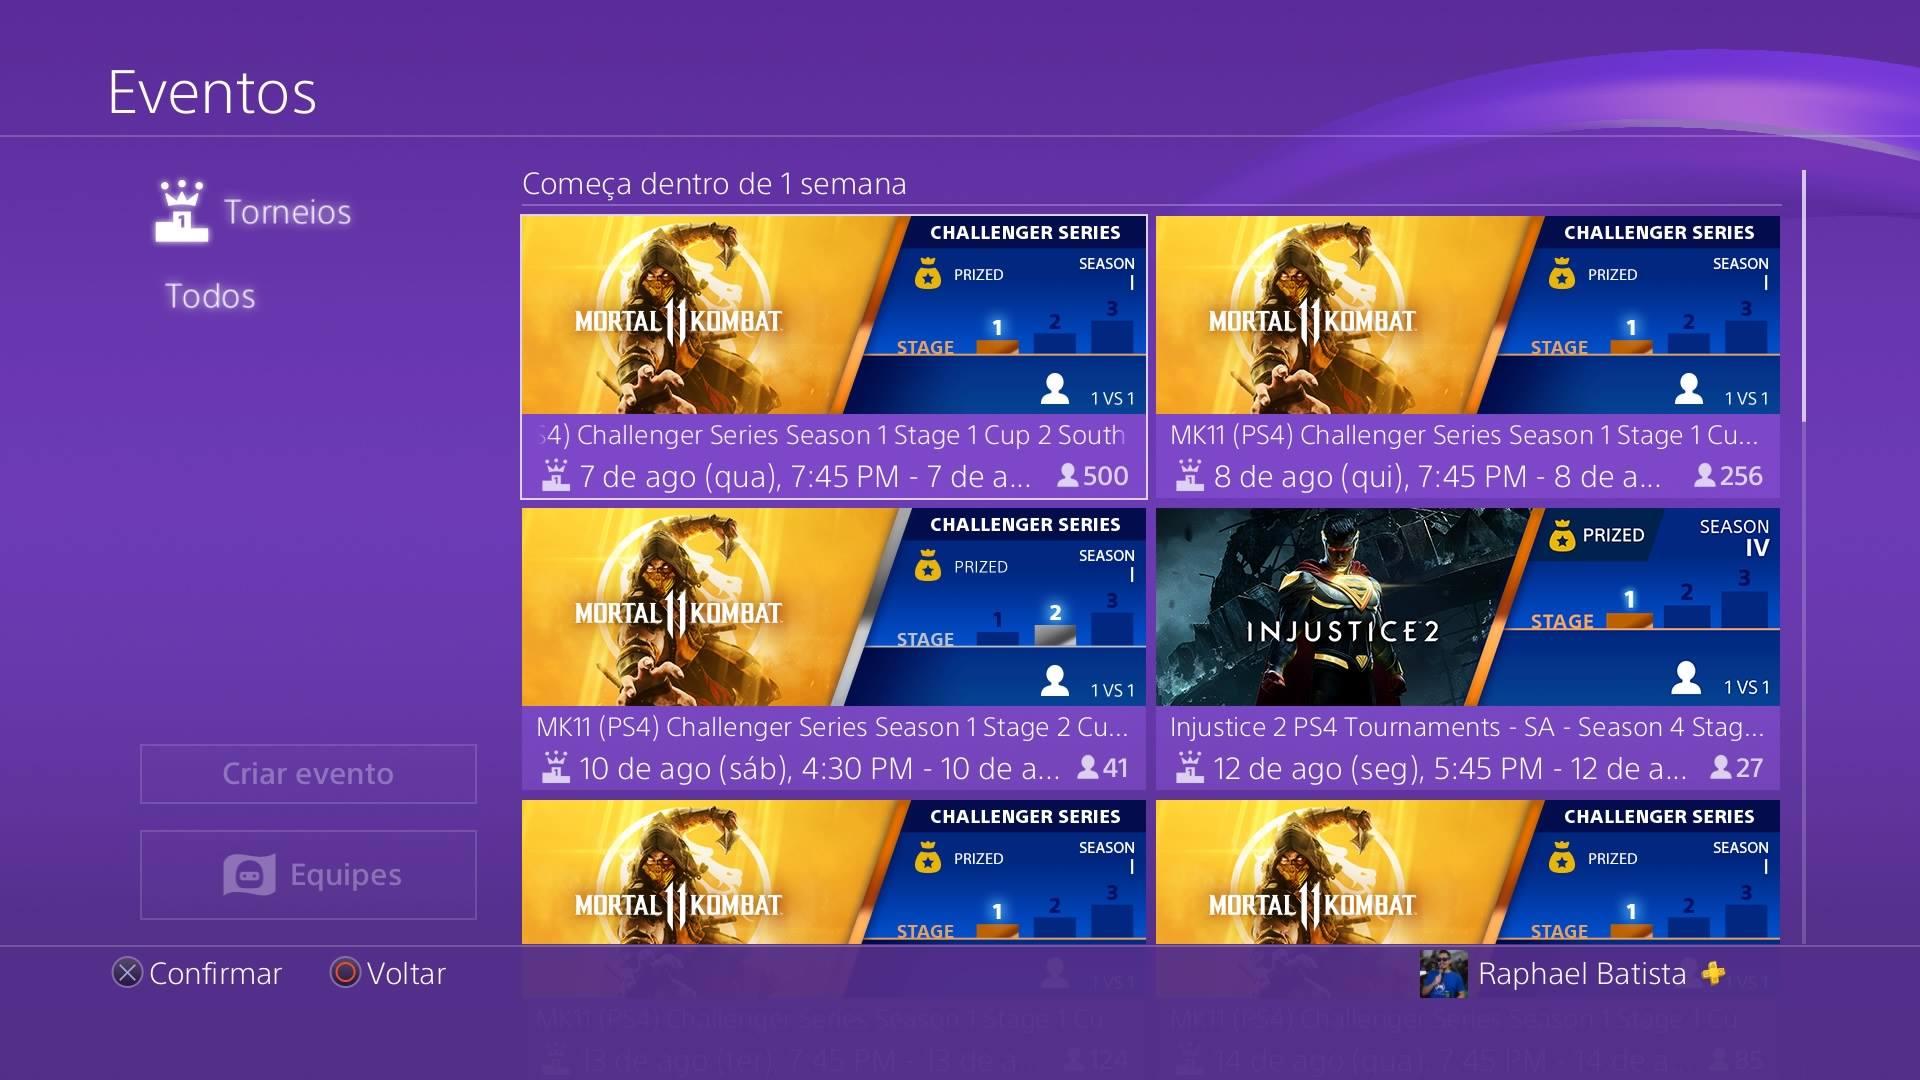 Mortal Kombat 11 PS4 Tournaments